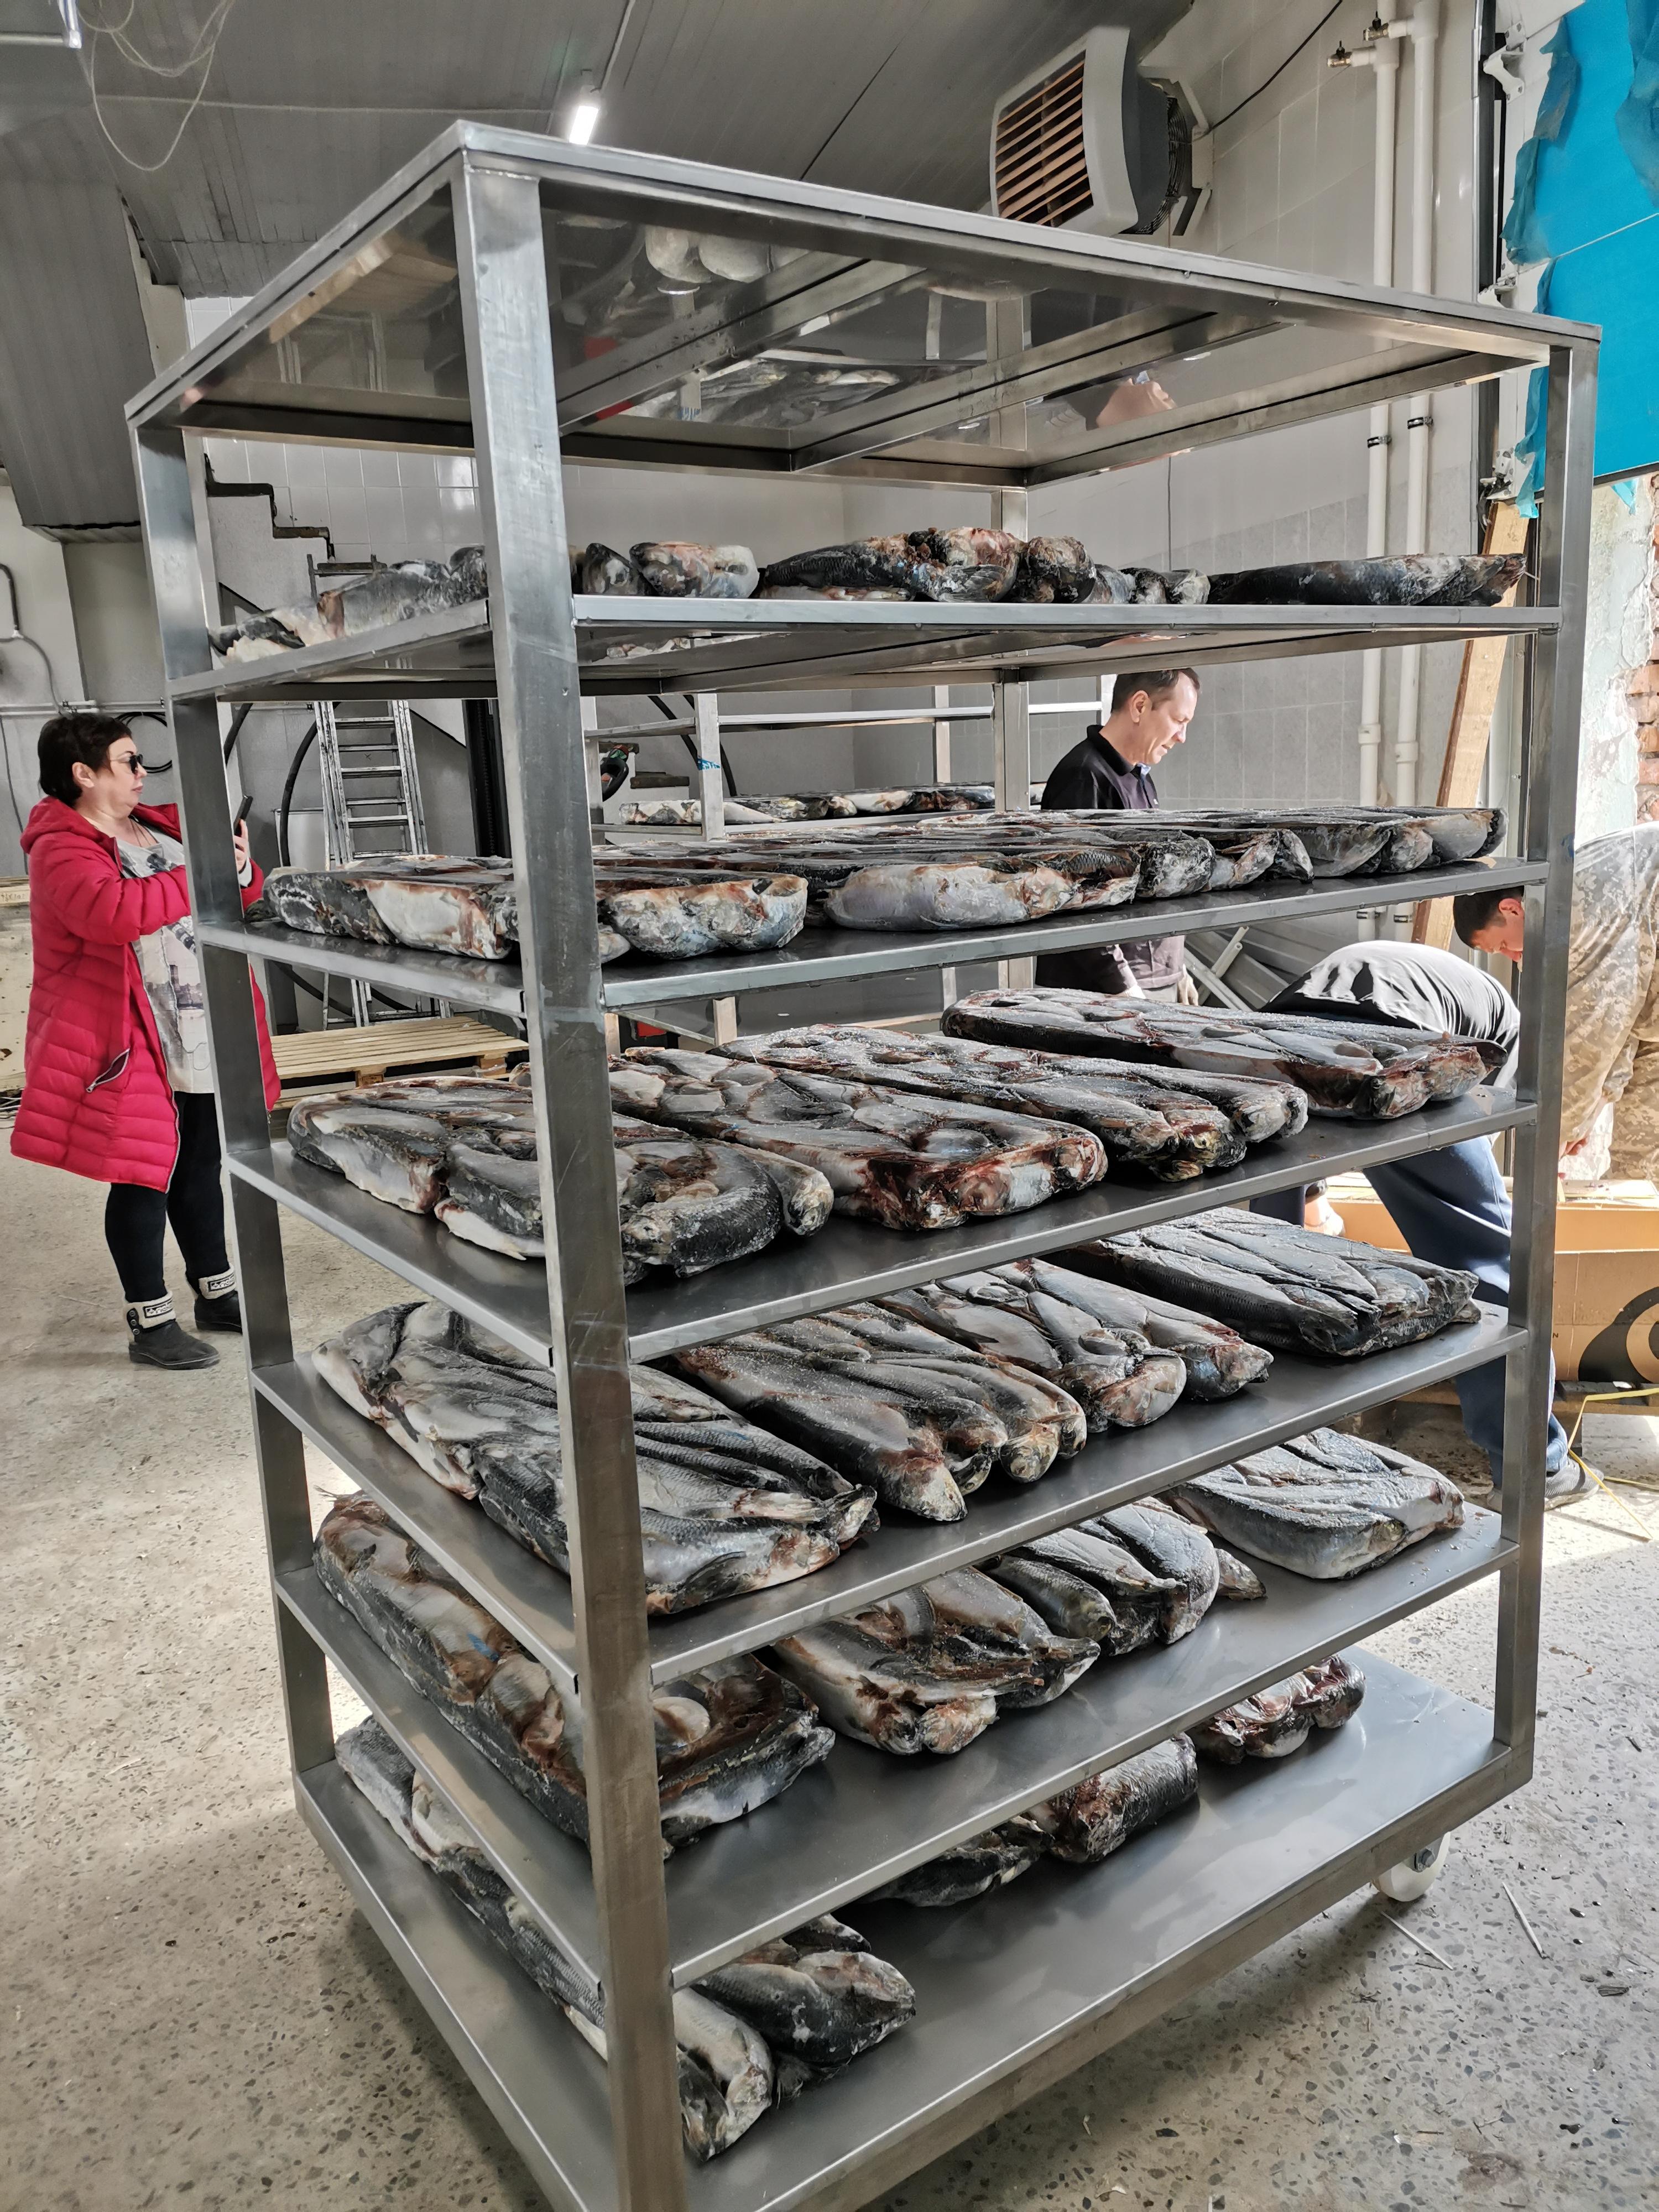 27.04.2021 / На рыбозаводе в Хабаровском крае  запущена камера дефростации рыбы.